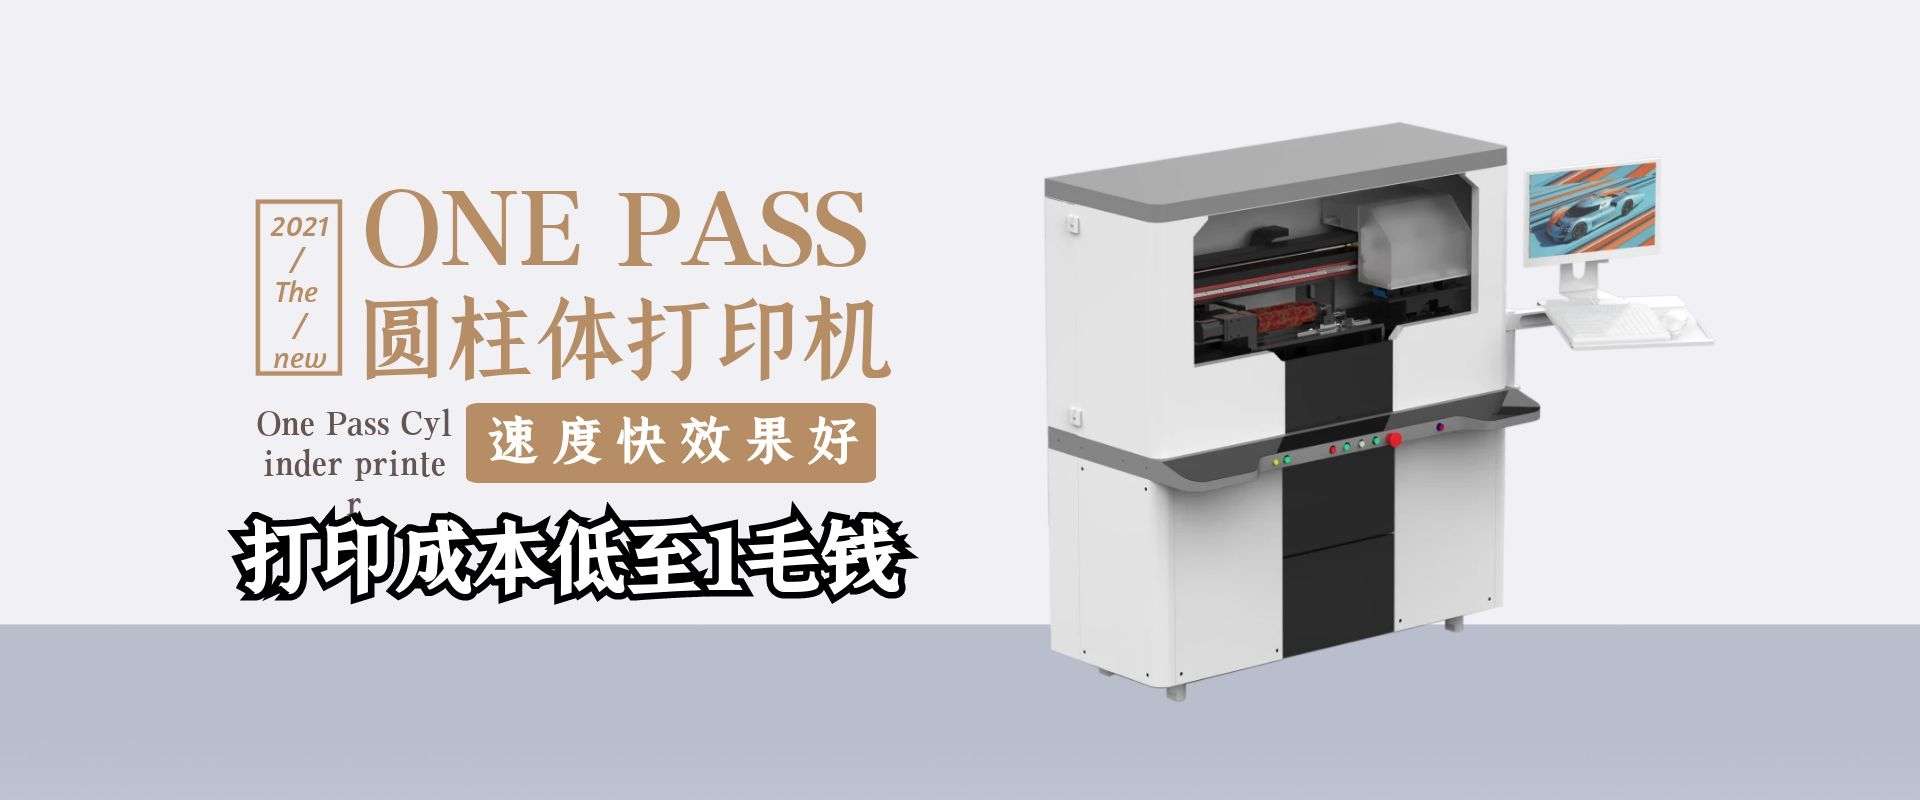 汉皇新ONE PASS圆柱体打印机